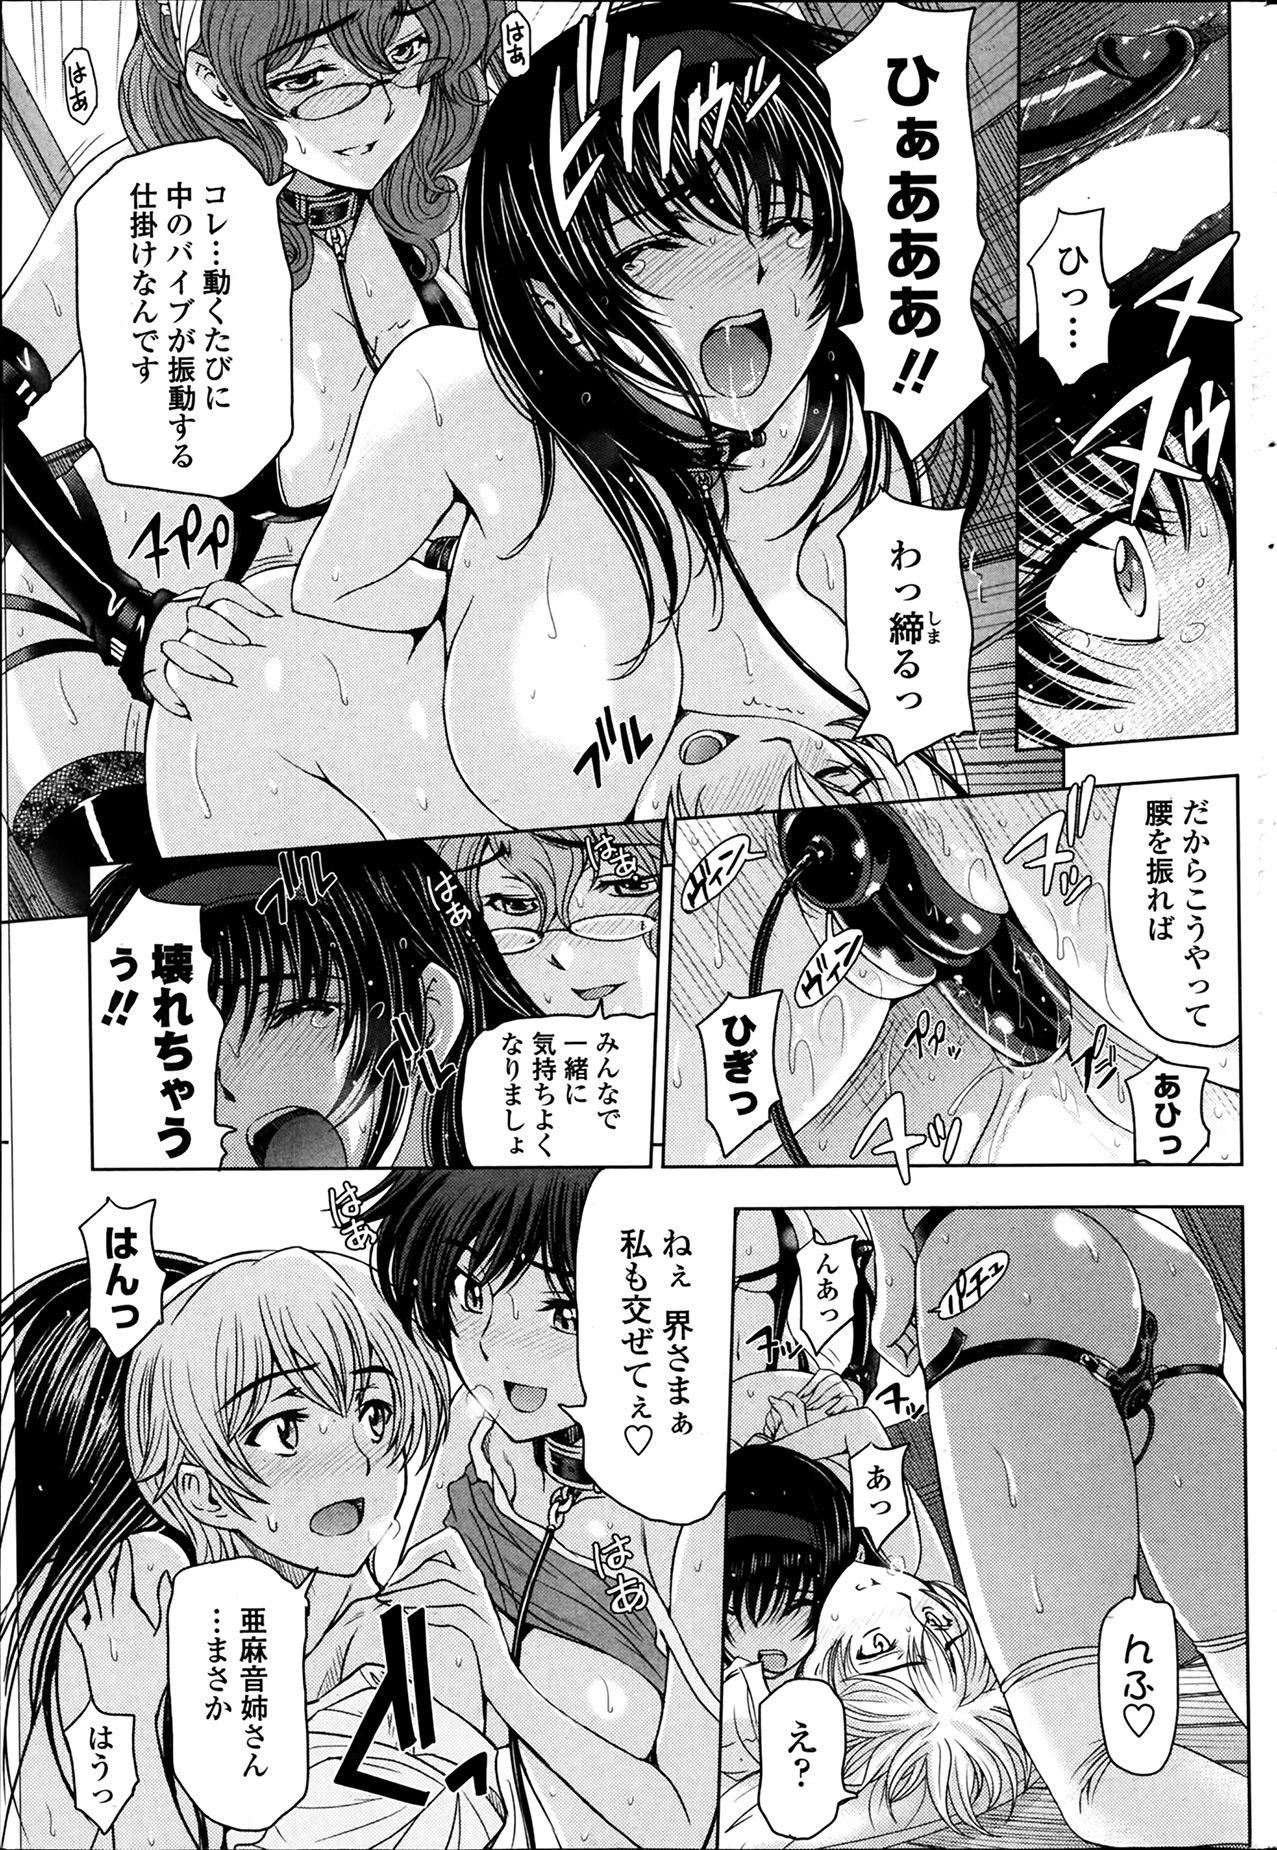 Ane wa Shota o Suki ni Naru Bangaihen 1-2 30